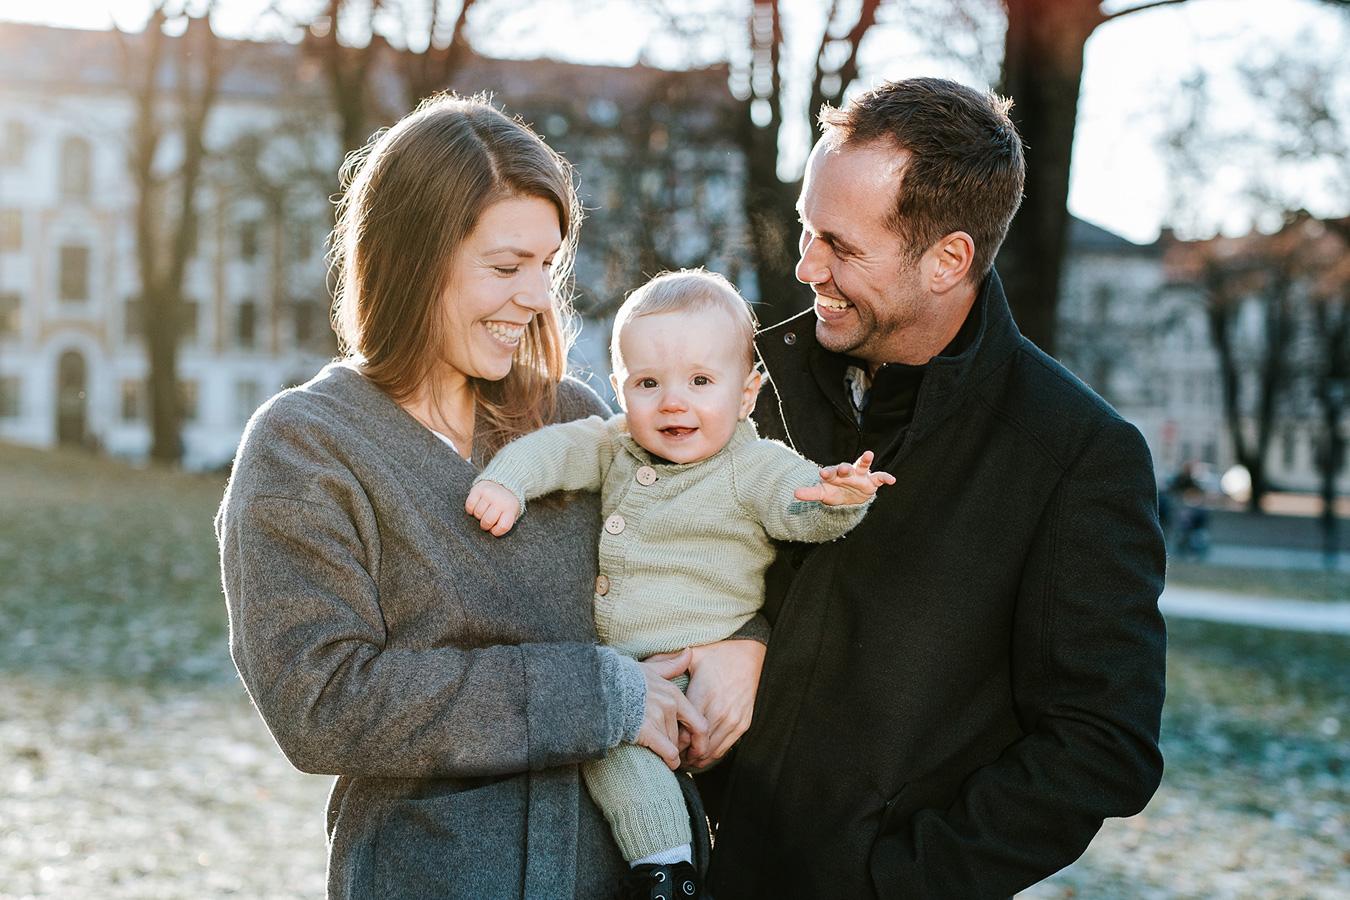 020-Babyfotografering-fotograf-oslo.jpg